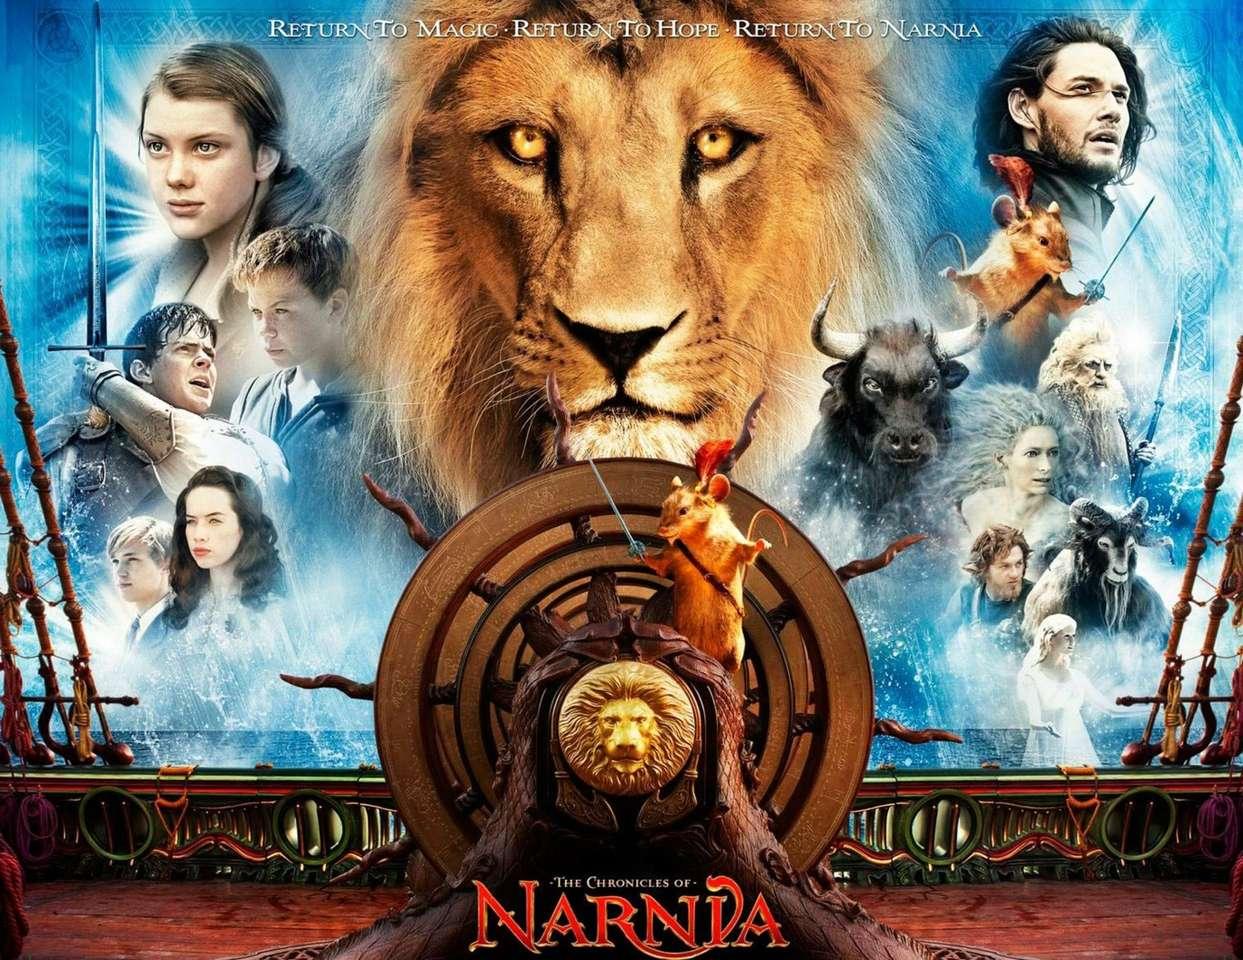 Narnia krónikái - film egy oroszlánról, aki meghal, hogy megmentse a gyerekeket a narnia krónikáival (9×7)